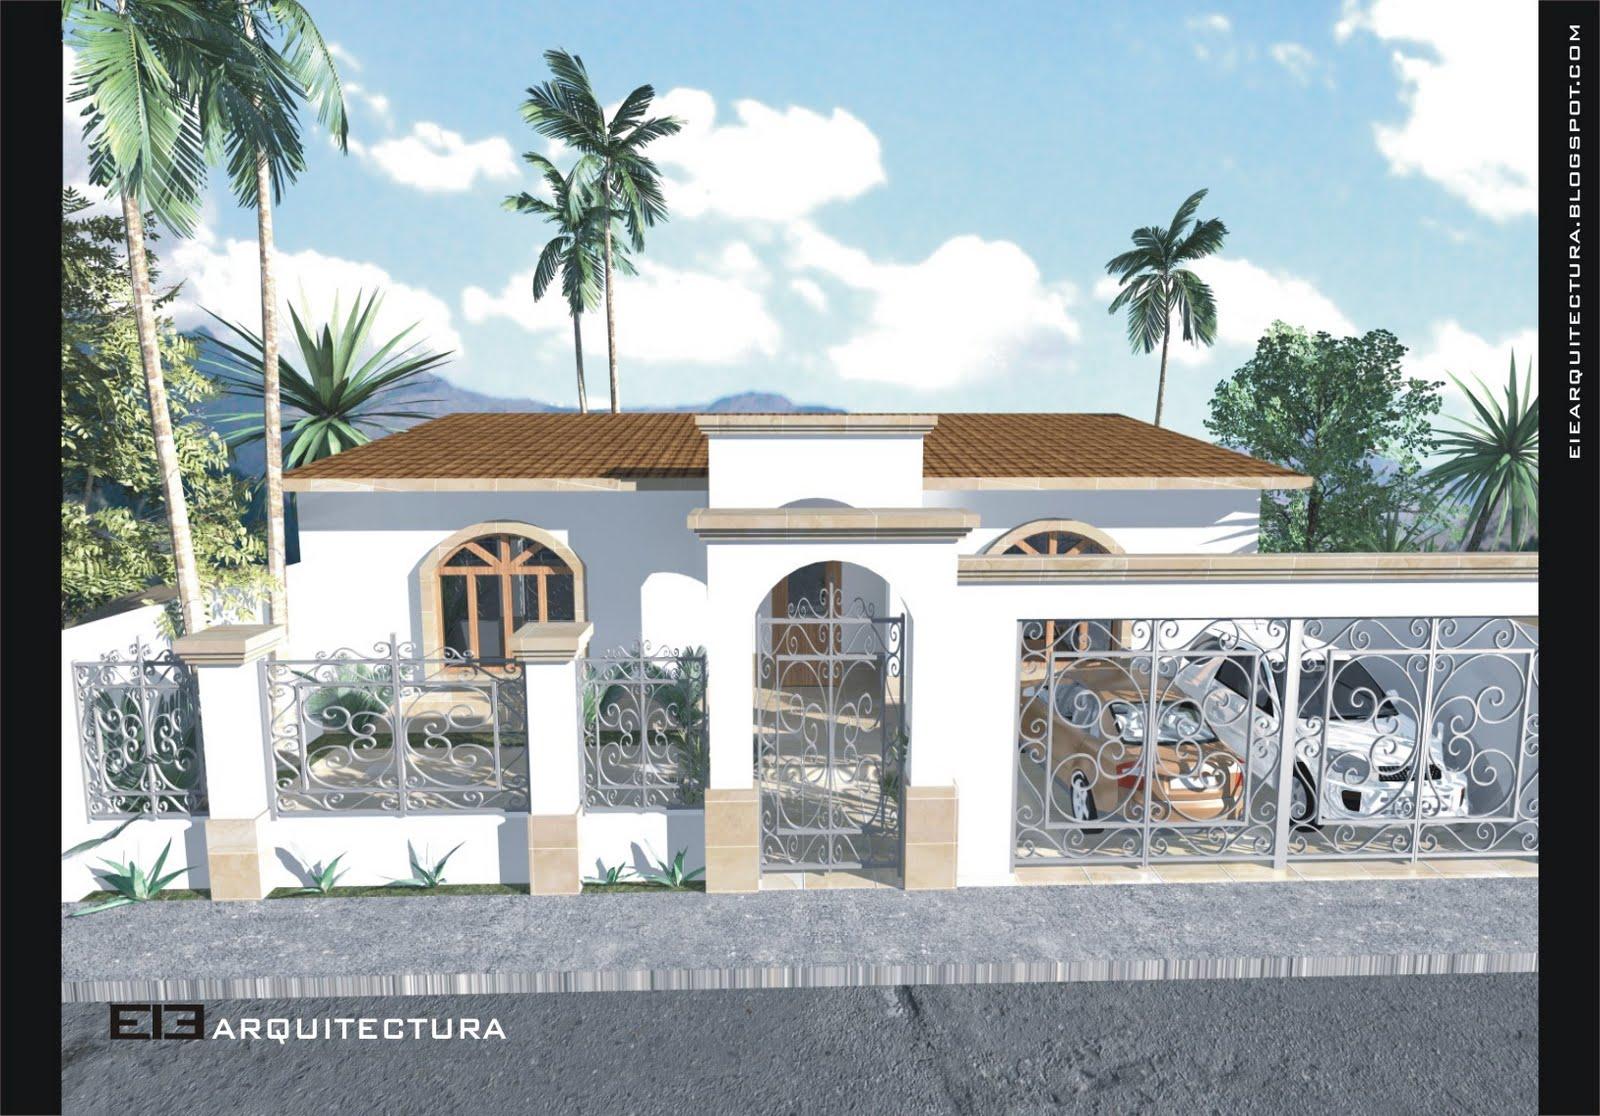 Fachadas de entradas de casas car interior design for Fachadas de entradas de casas